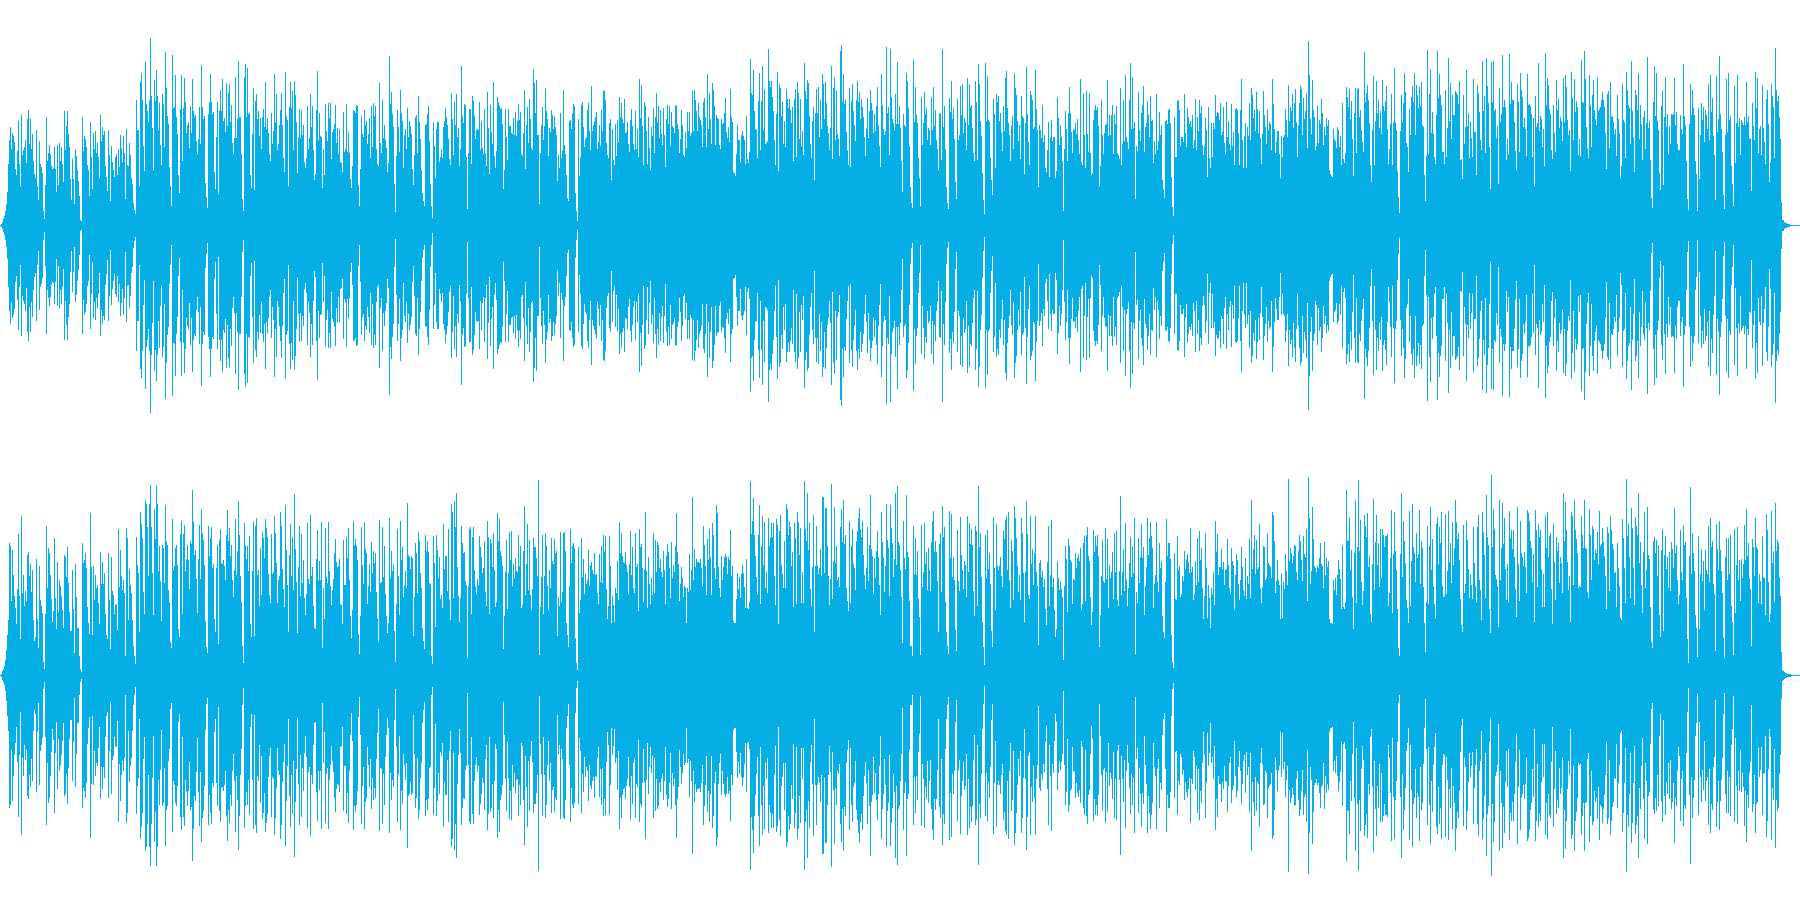 生演奏・ギター・夏・リゾート・ドライブの再生済みの波形